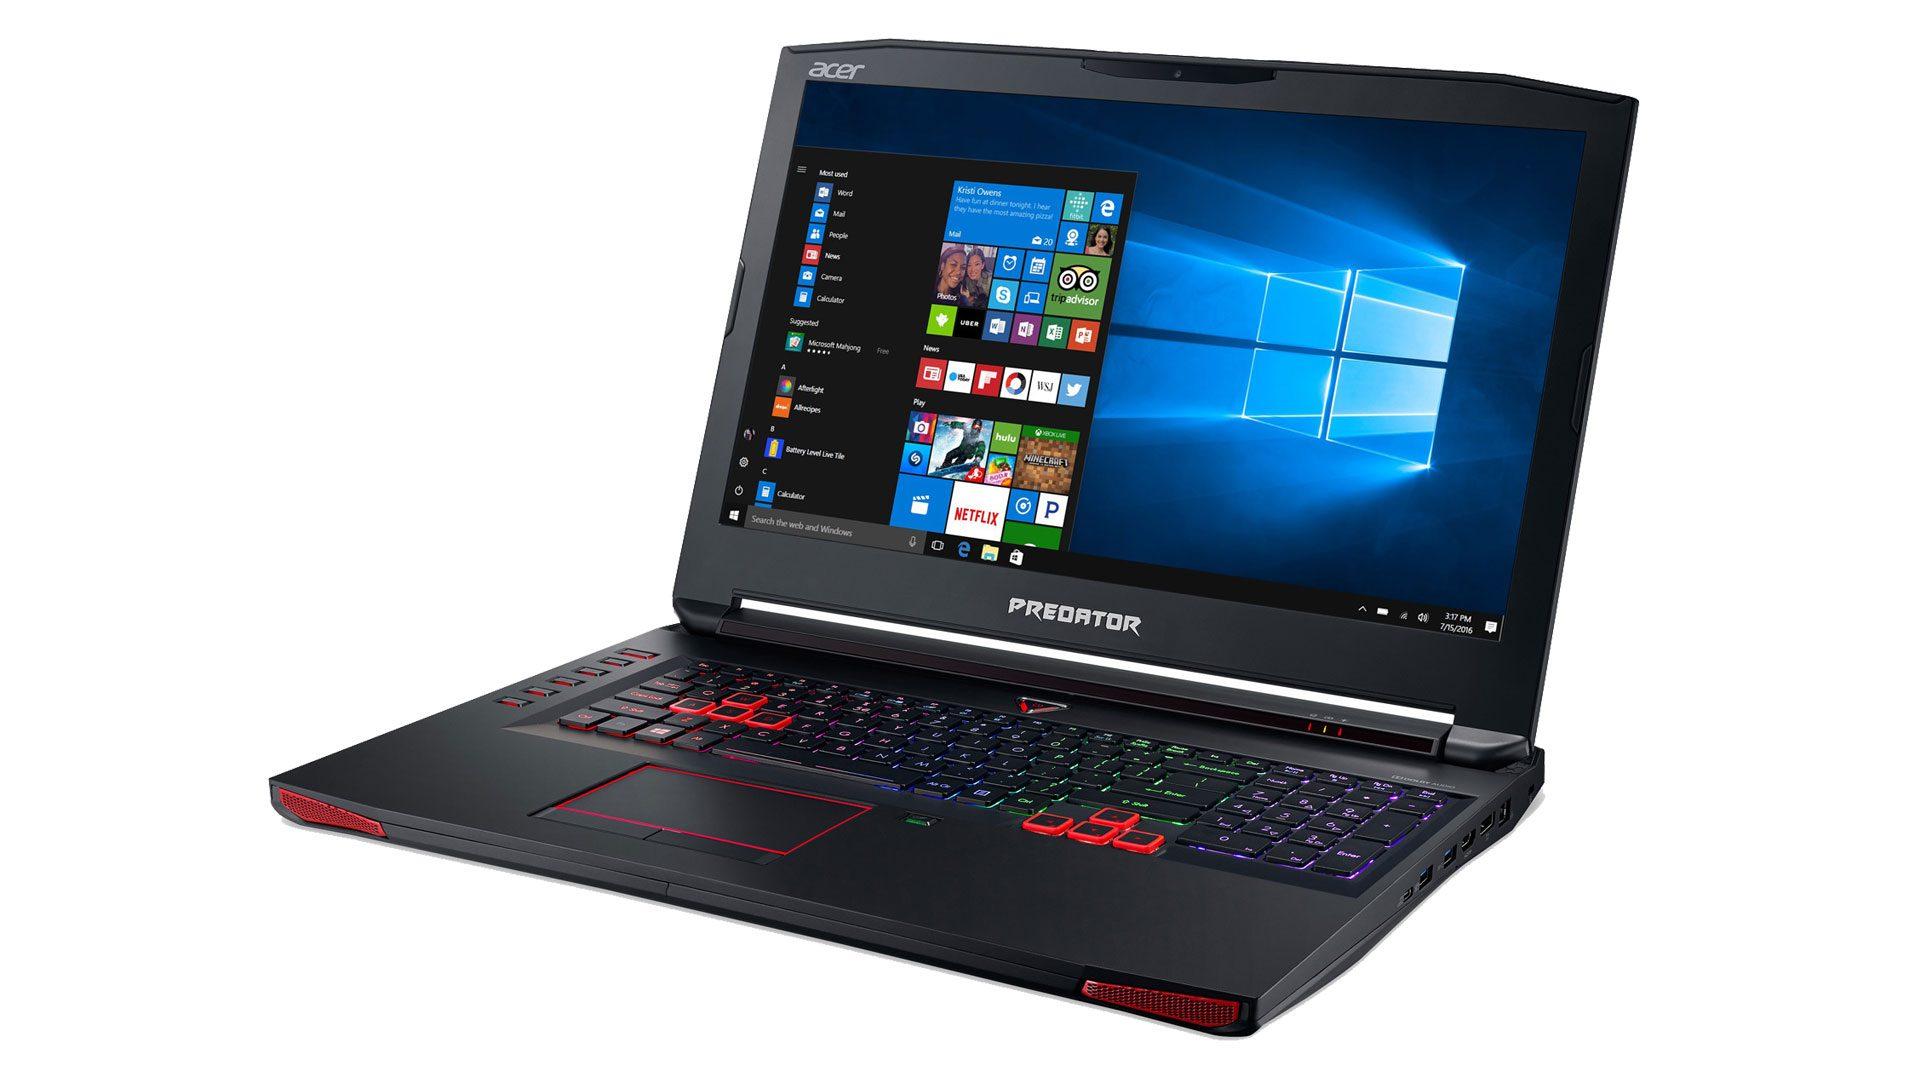 Acer-Predator-17-G9-793-718K_Ansicht-3